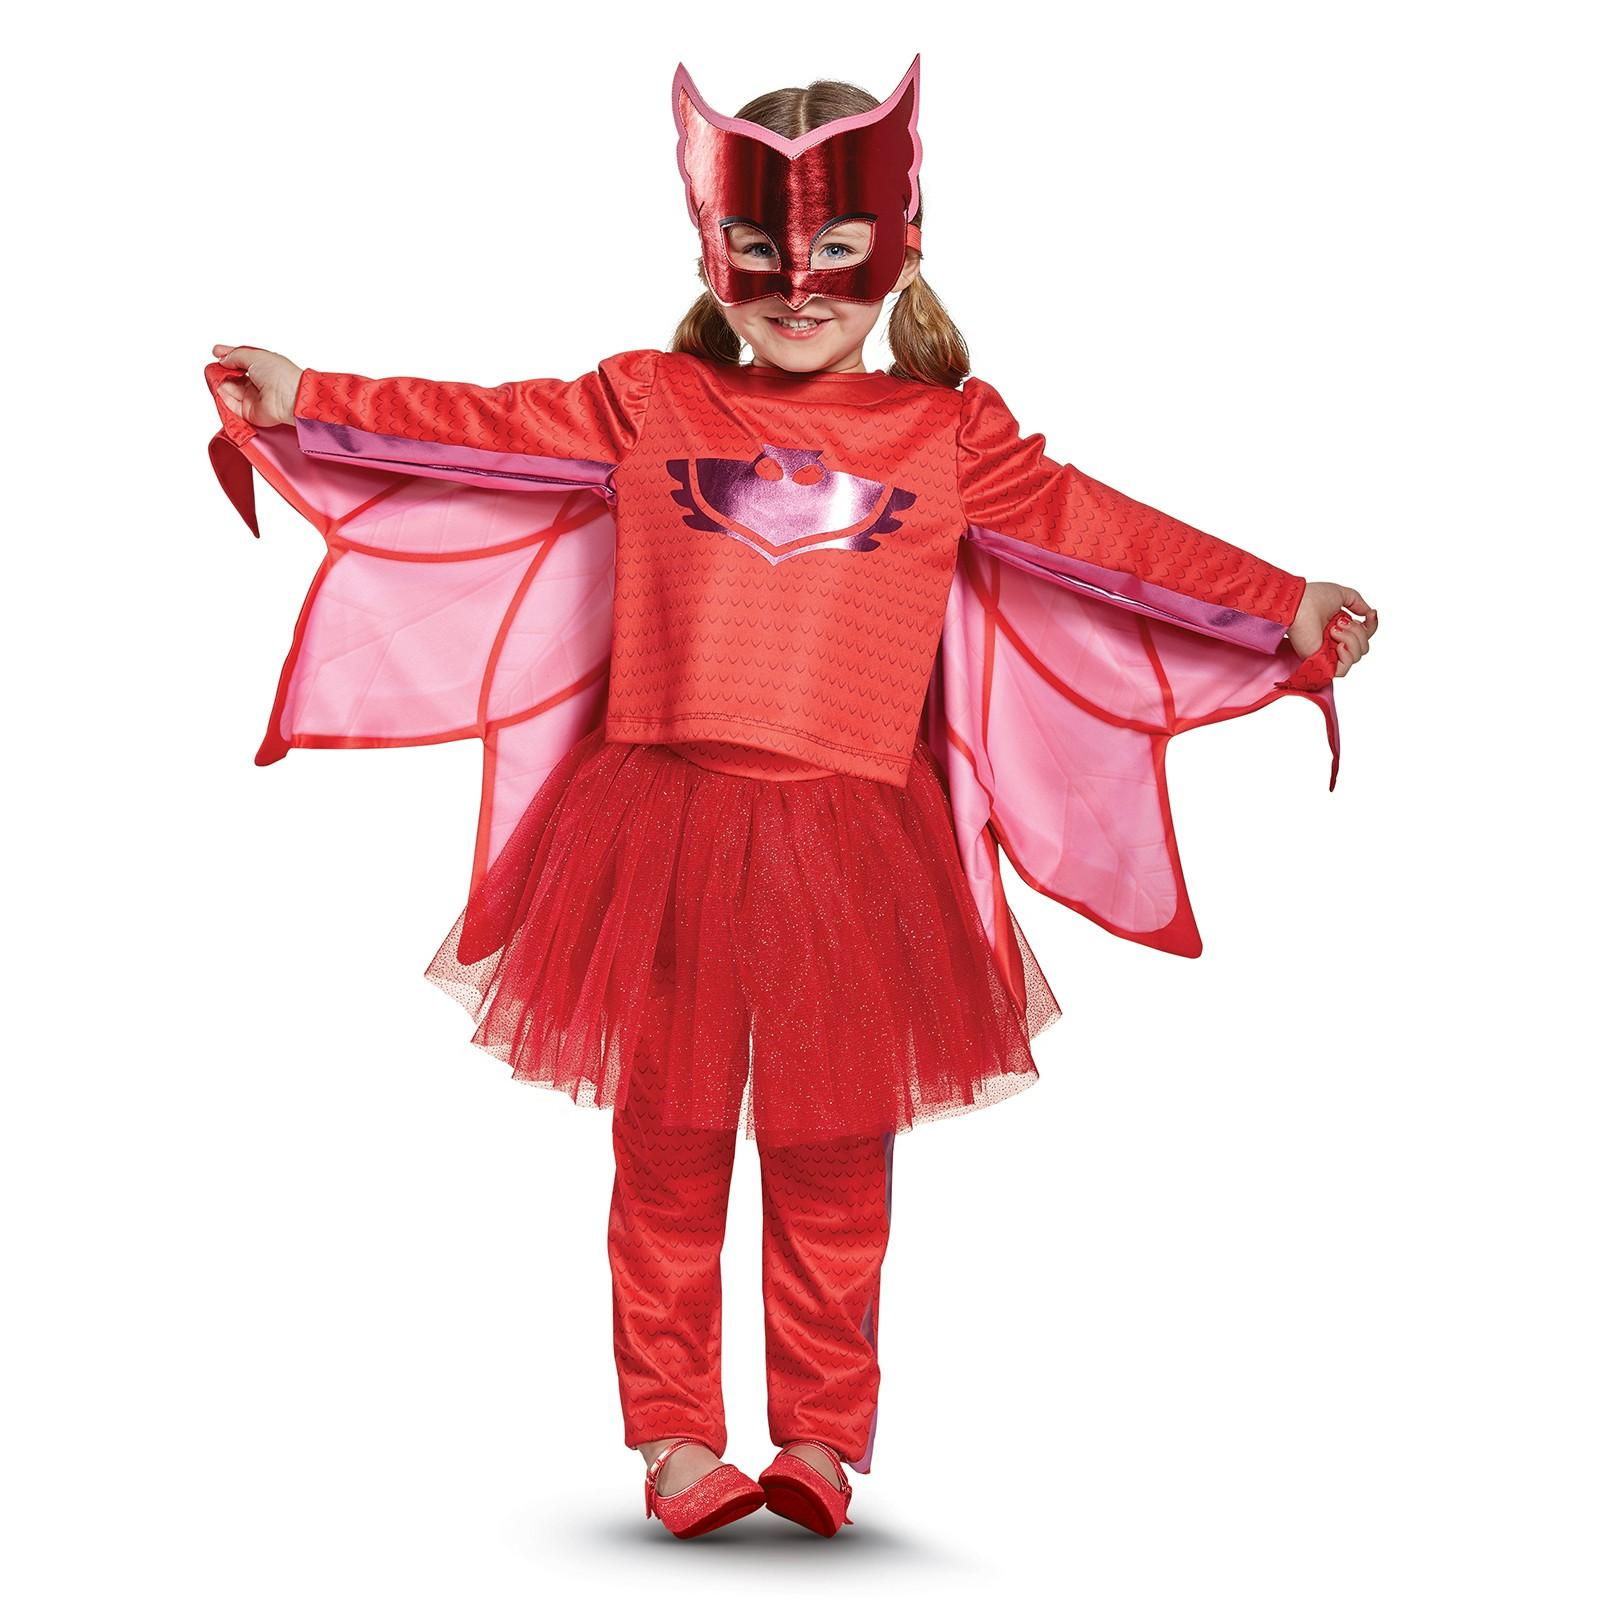 Halloween costumes pink minnie tutu prestige Children girls costume disguise Halloween event party PREORDER